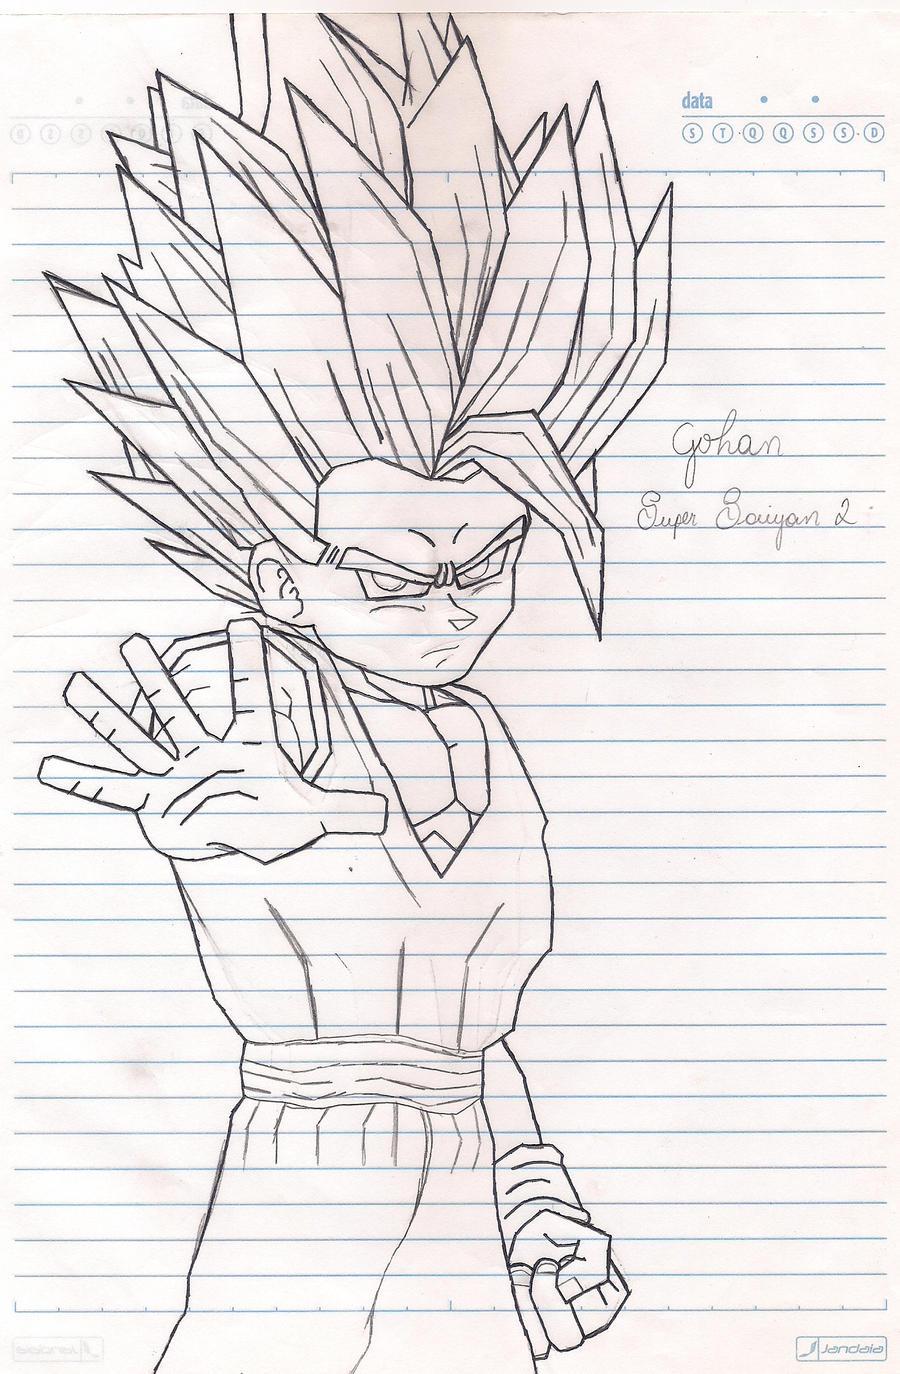 Gohan Super Saiyan 2 by Gokusuper on DeviantArt